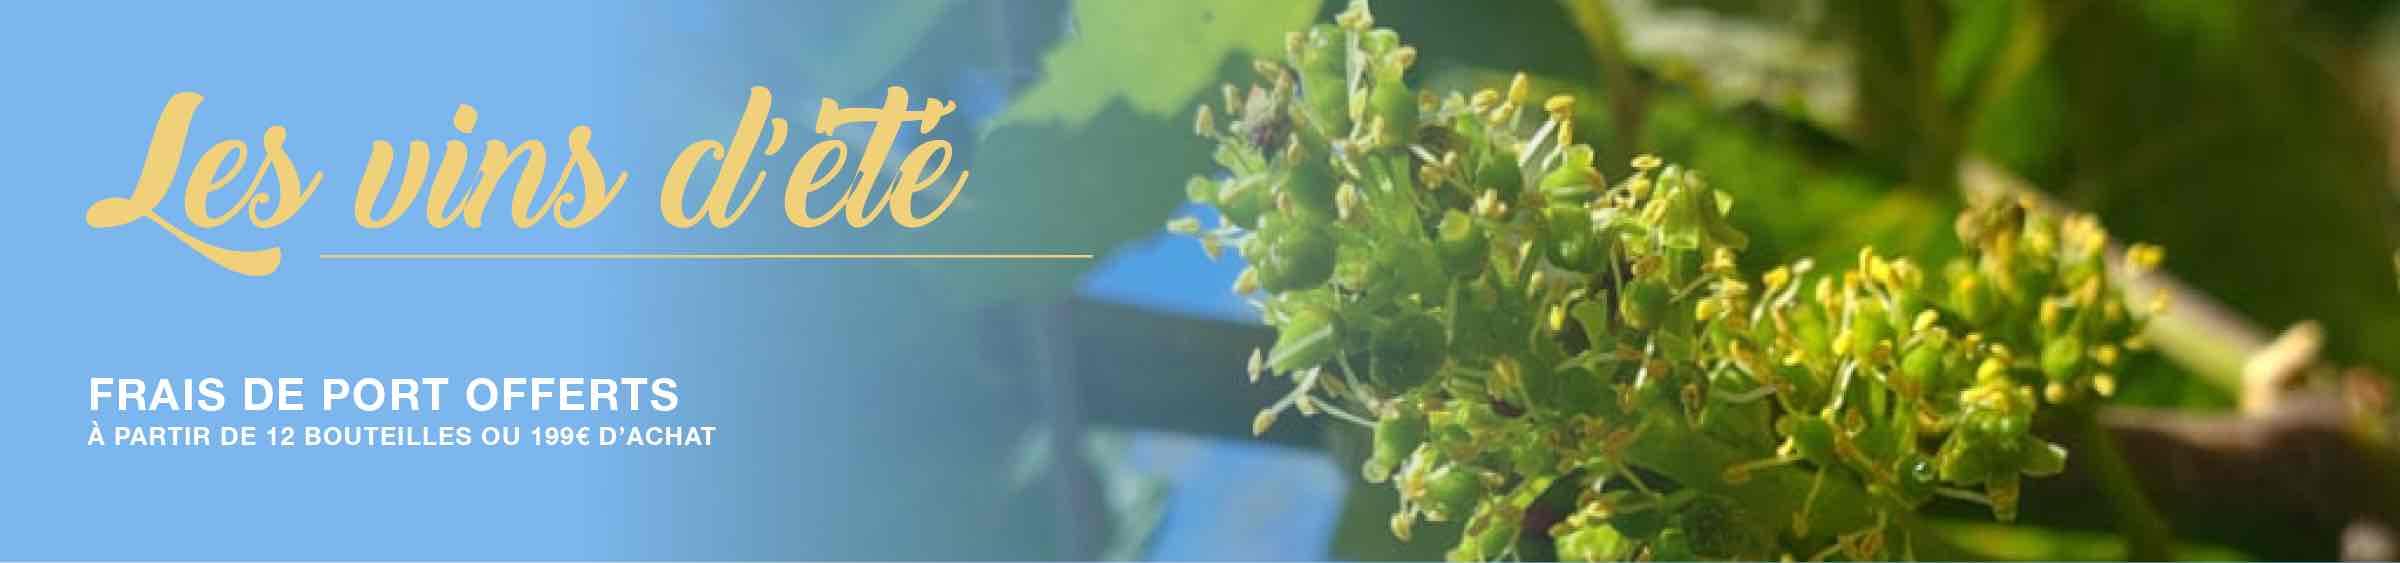 Sélection de vins d'été